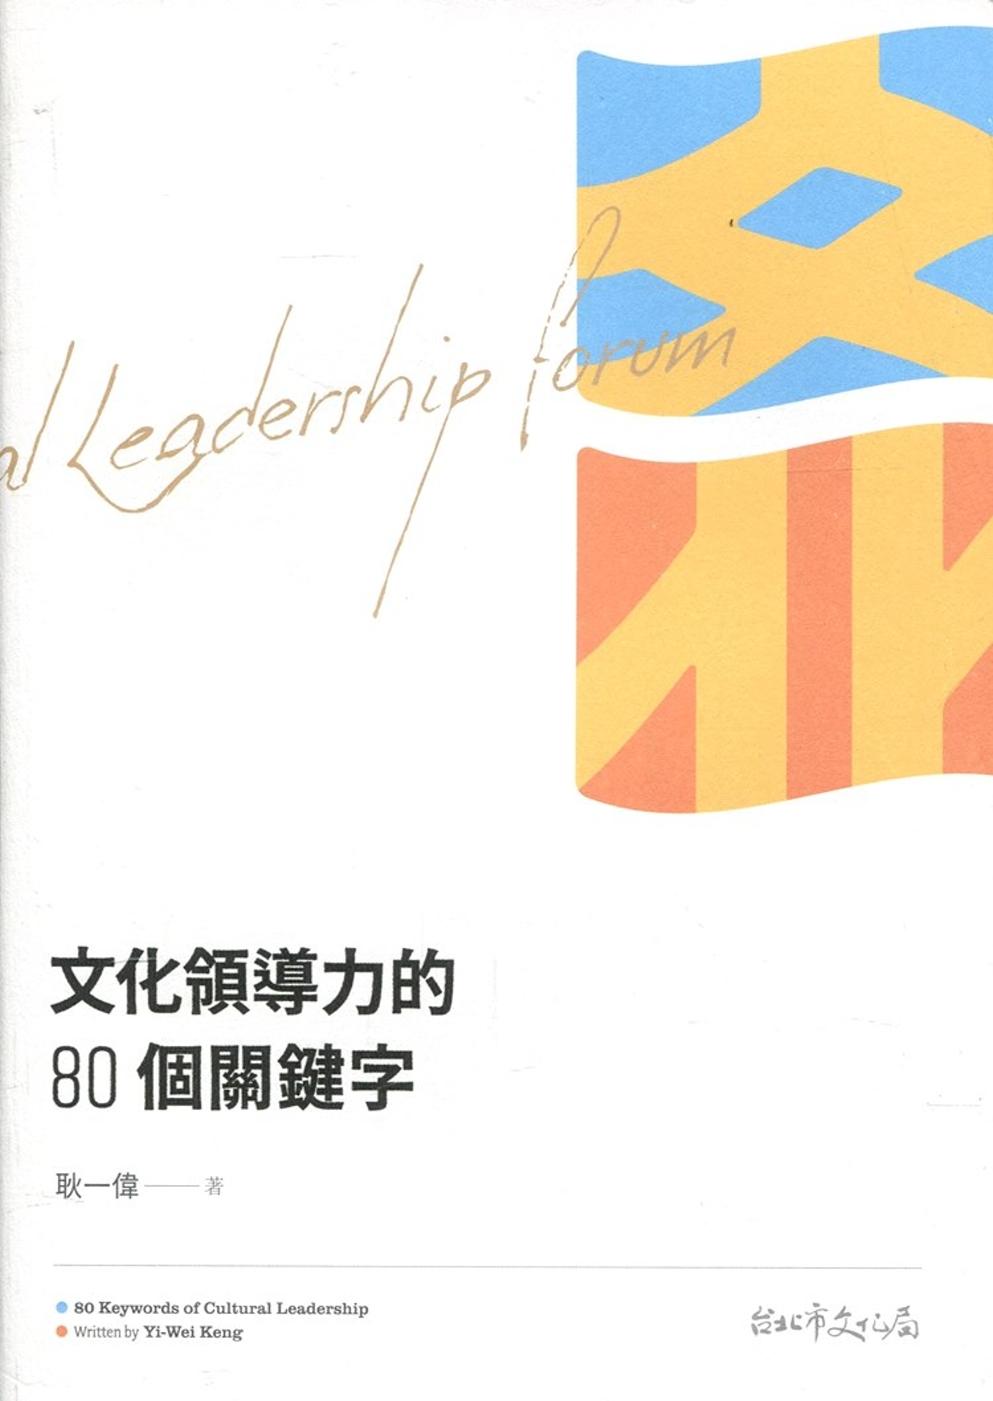 文化領導力的80個關鍵字